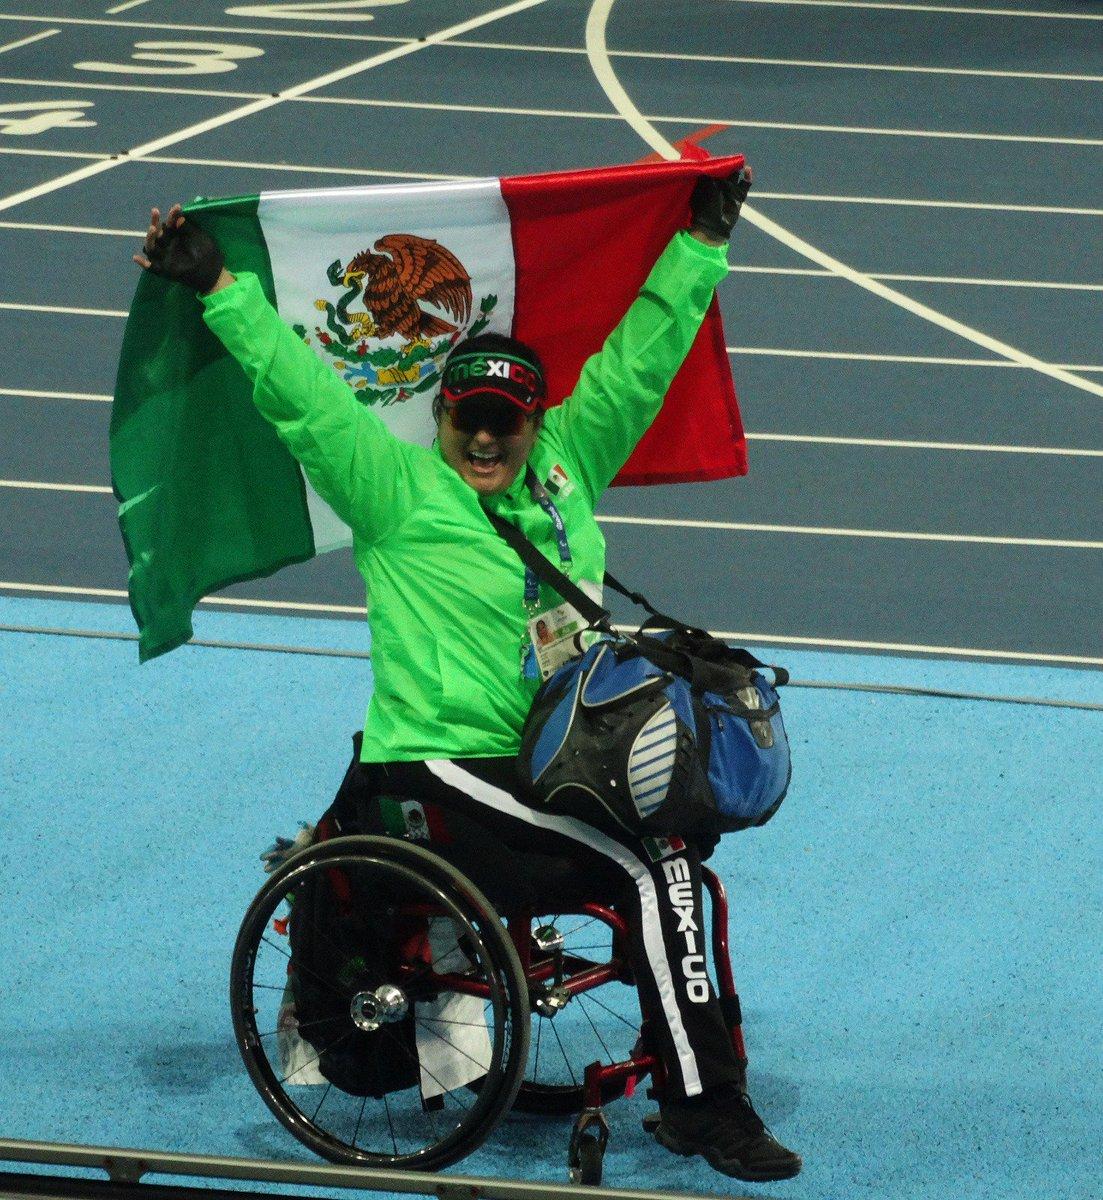 #RioXCONADE Se convierte @angelesmundial en bicampeona paralímpica e inaugura la cosecha de medallas de